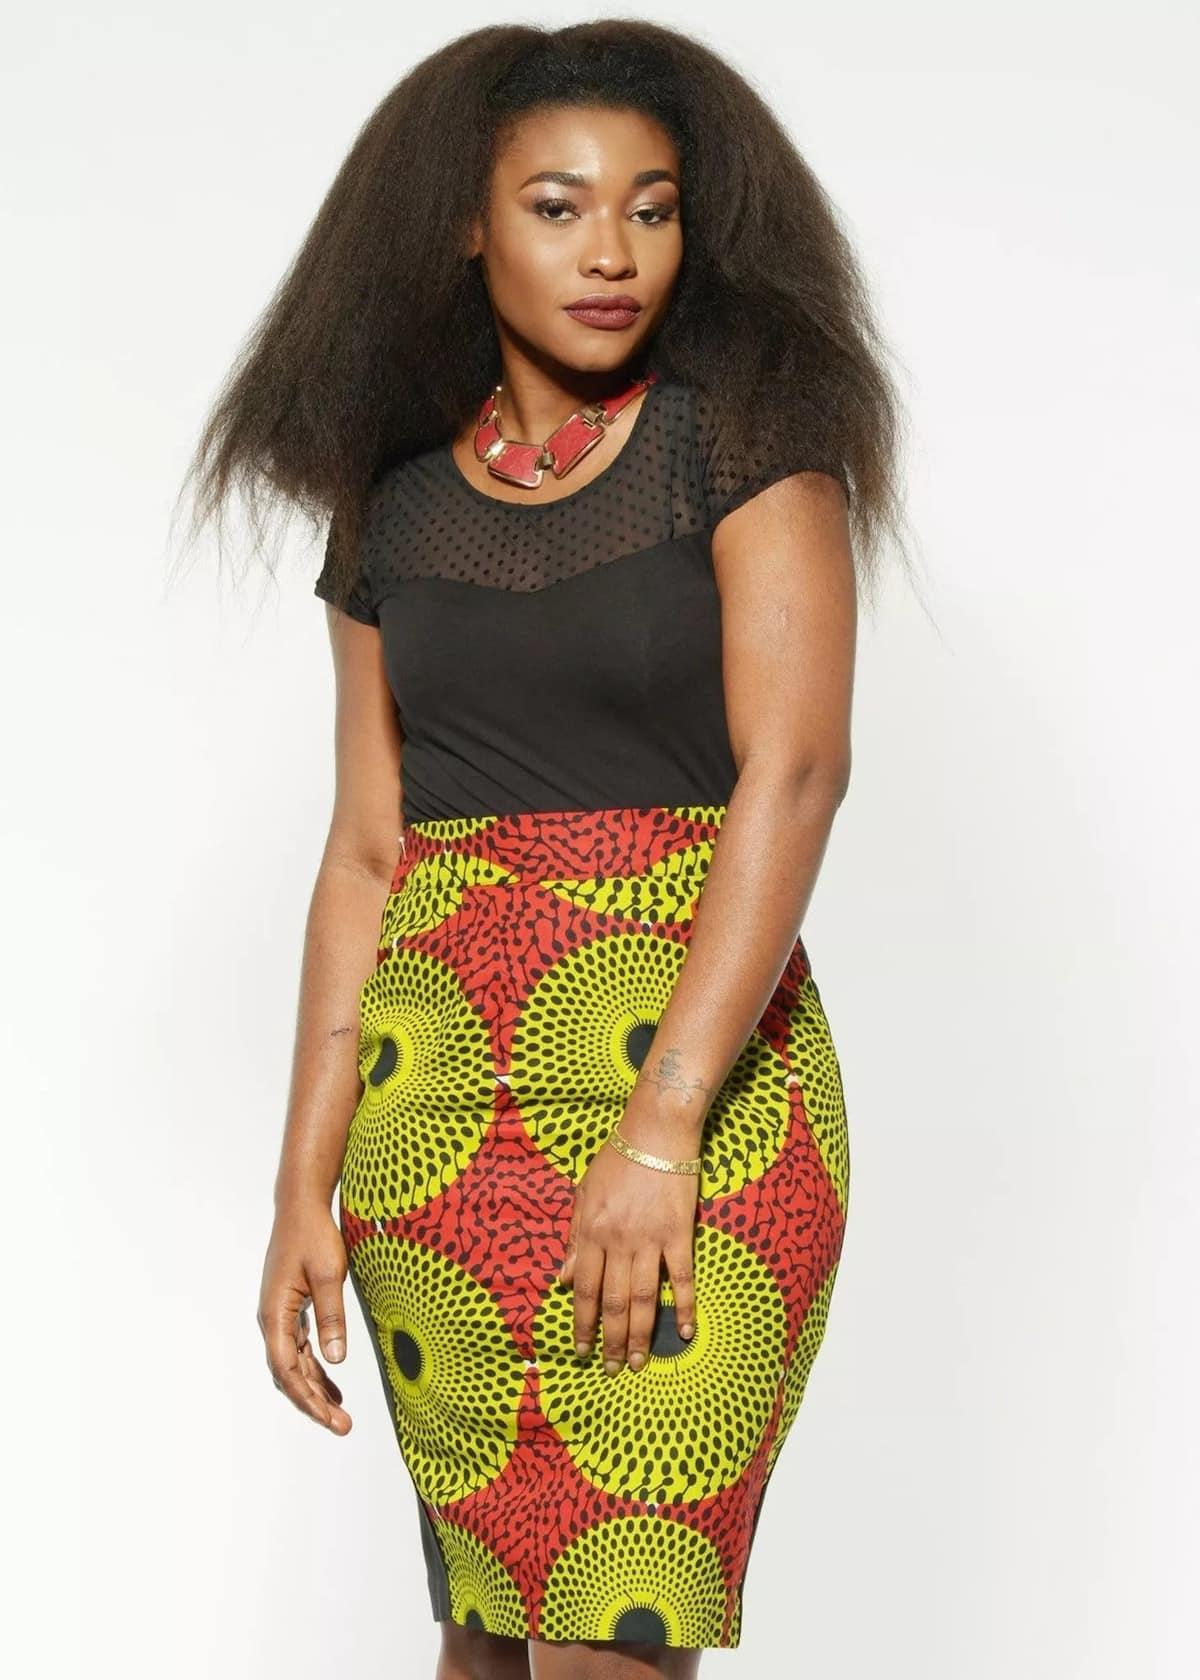 7ae584b151c166 How to wear pencil skirts ▷ Tuko.co.ke